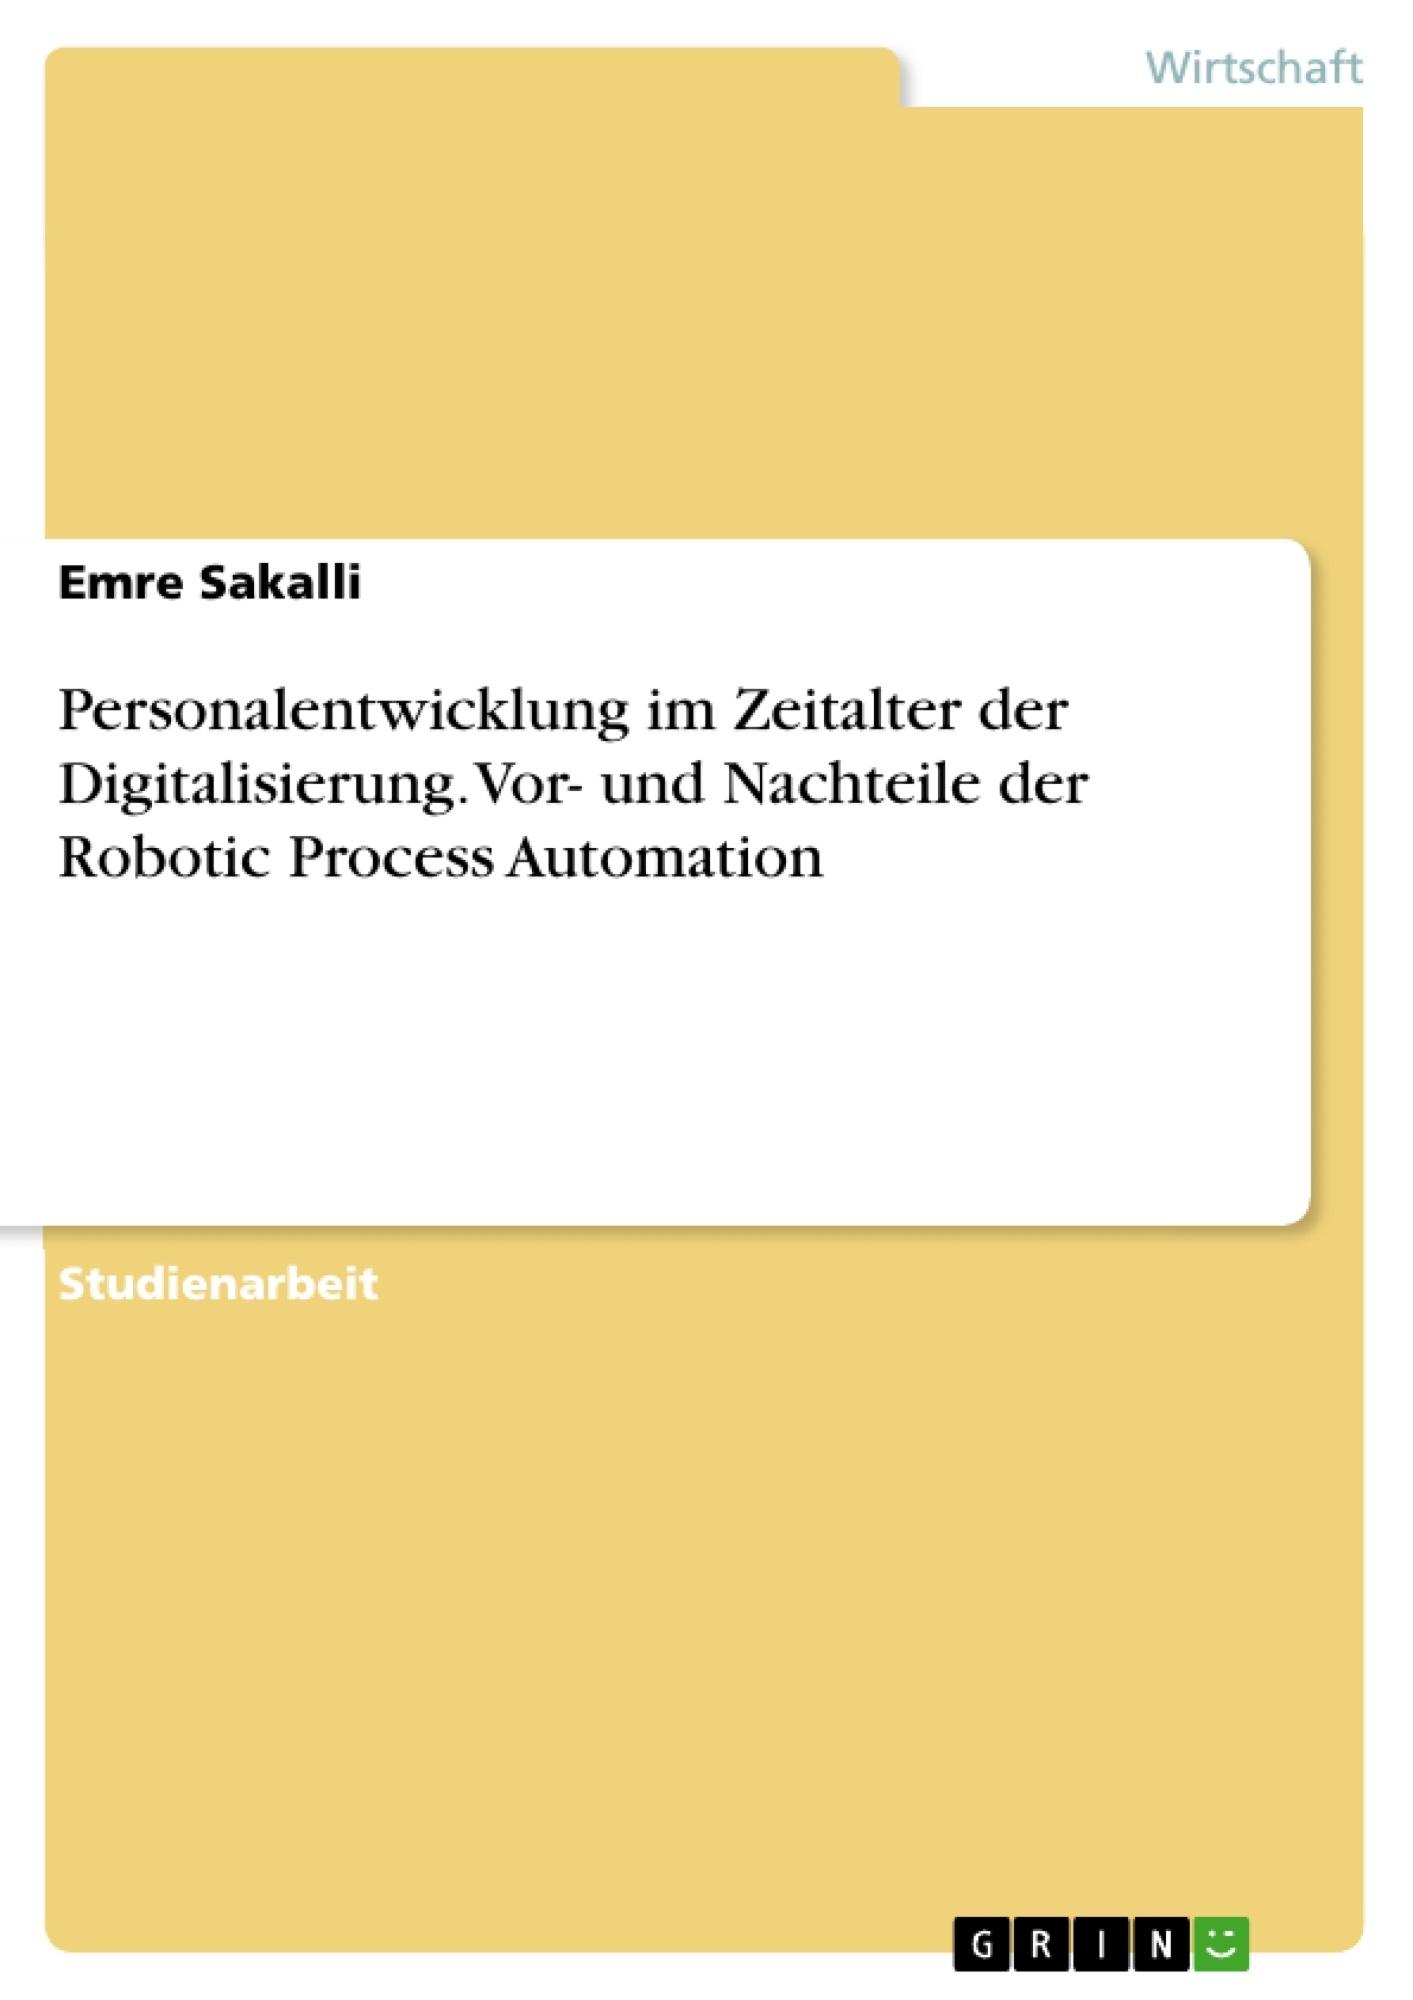 Titel: Personalentwicklung im Zeitalter der Digitalisierung. Vor- und Nachteile der Robotic Process Automation